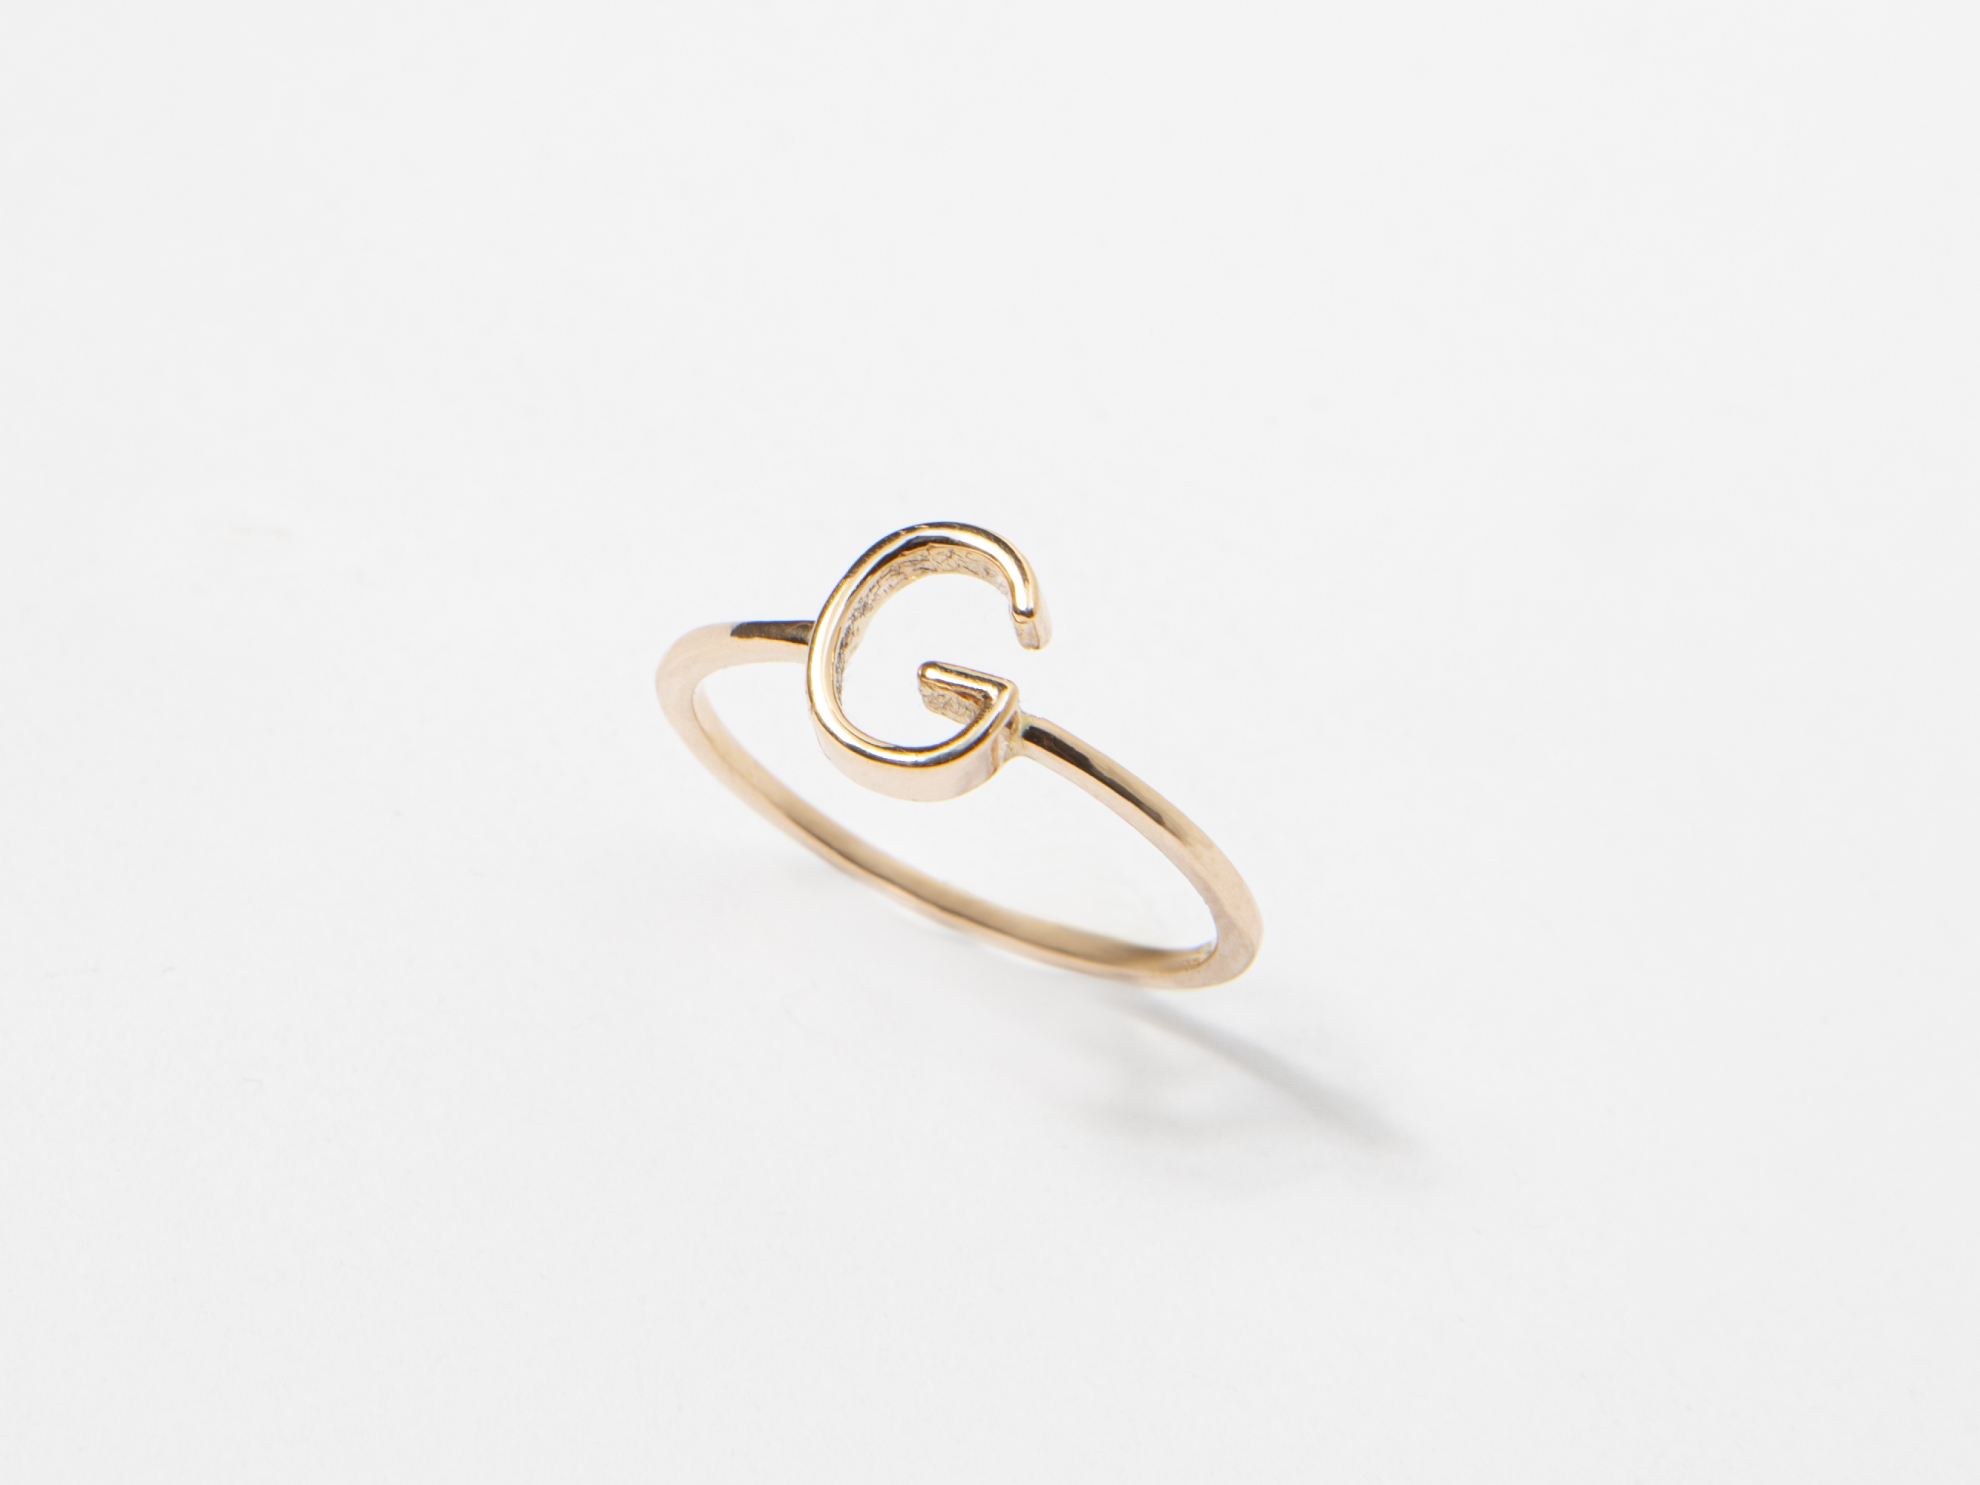 Anello in oro con lettera personalizzato - Ivy Gioielli Prato